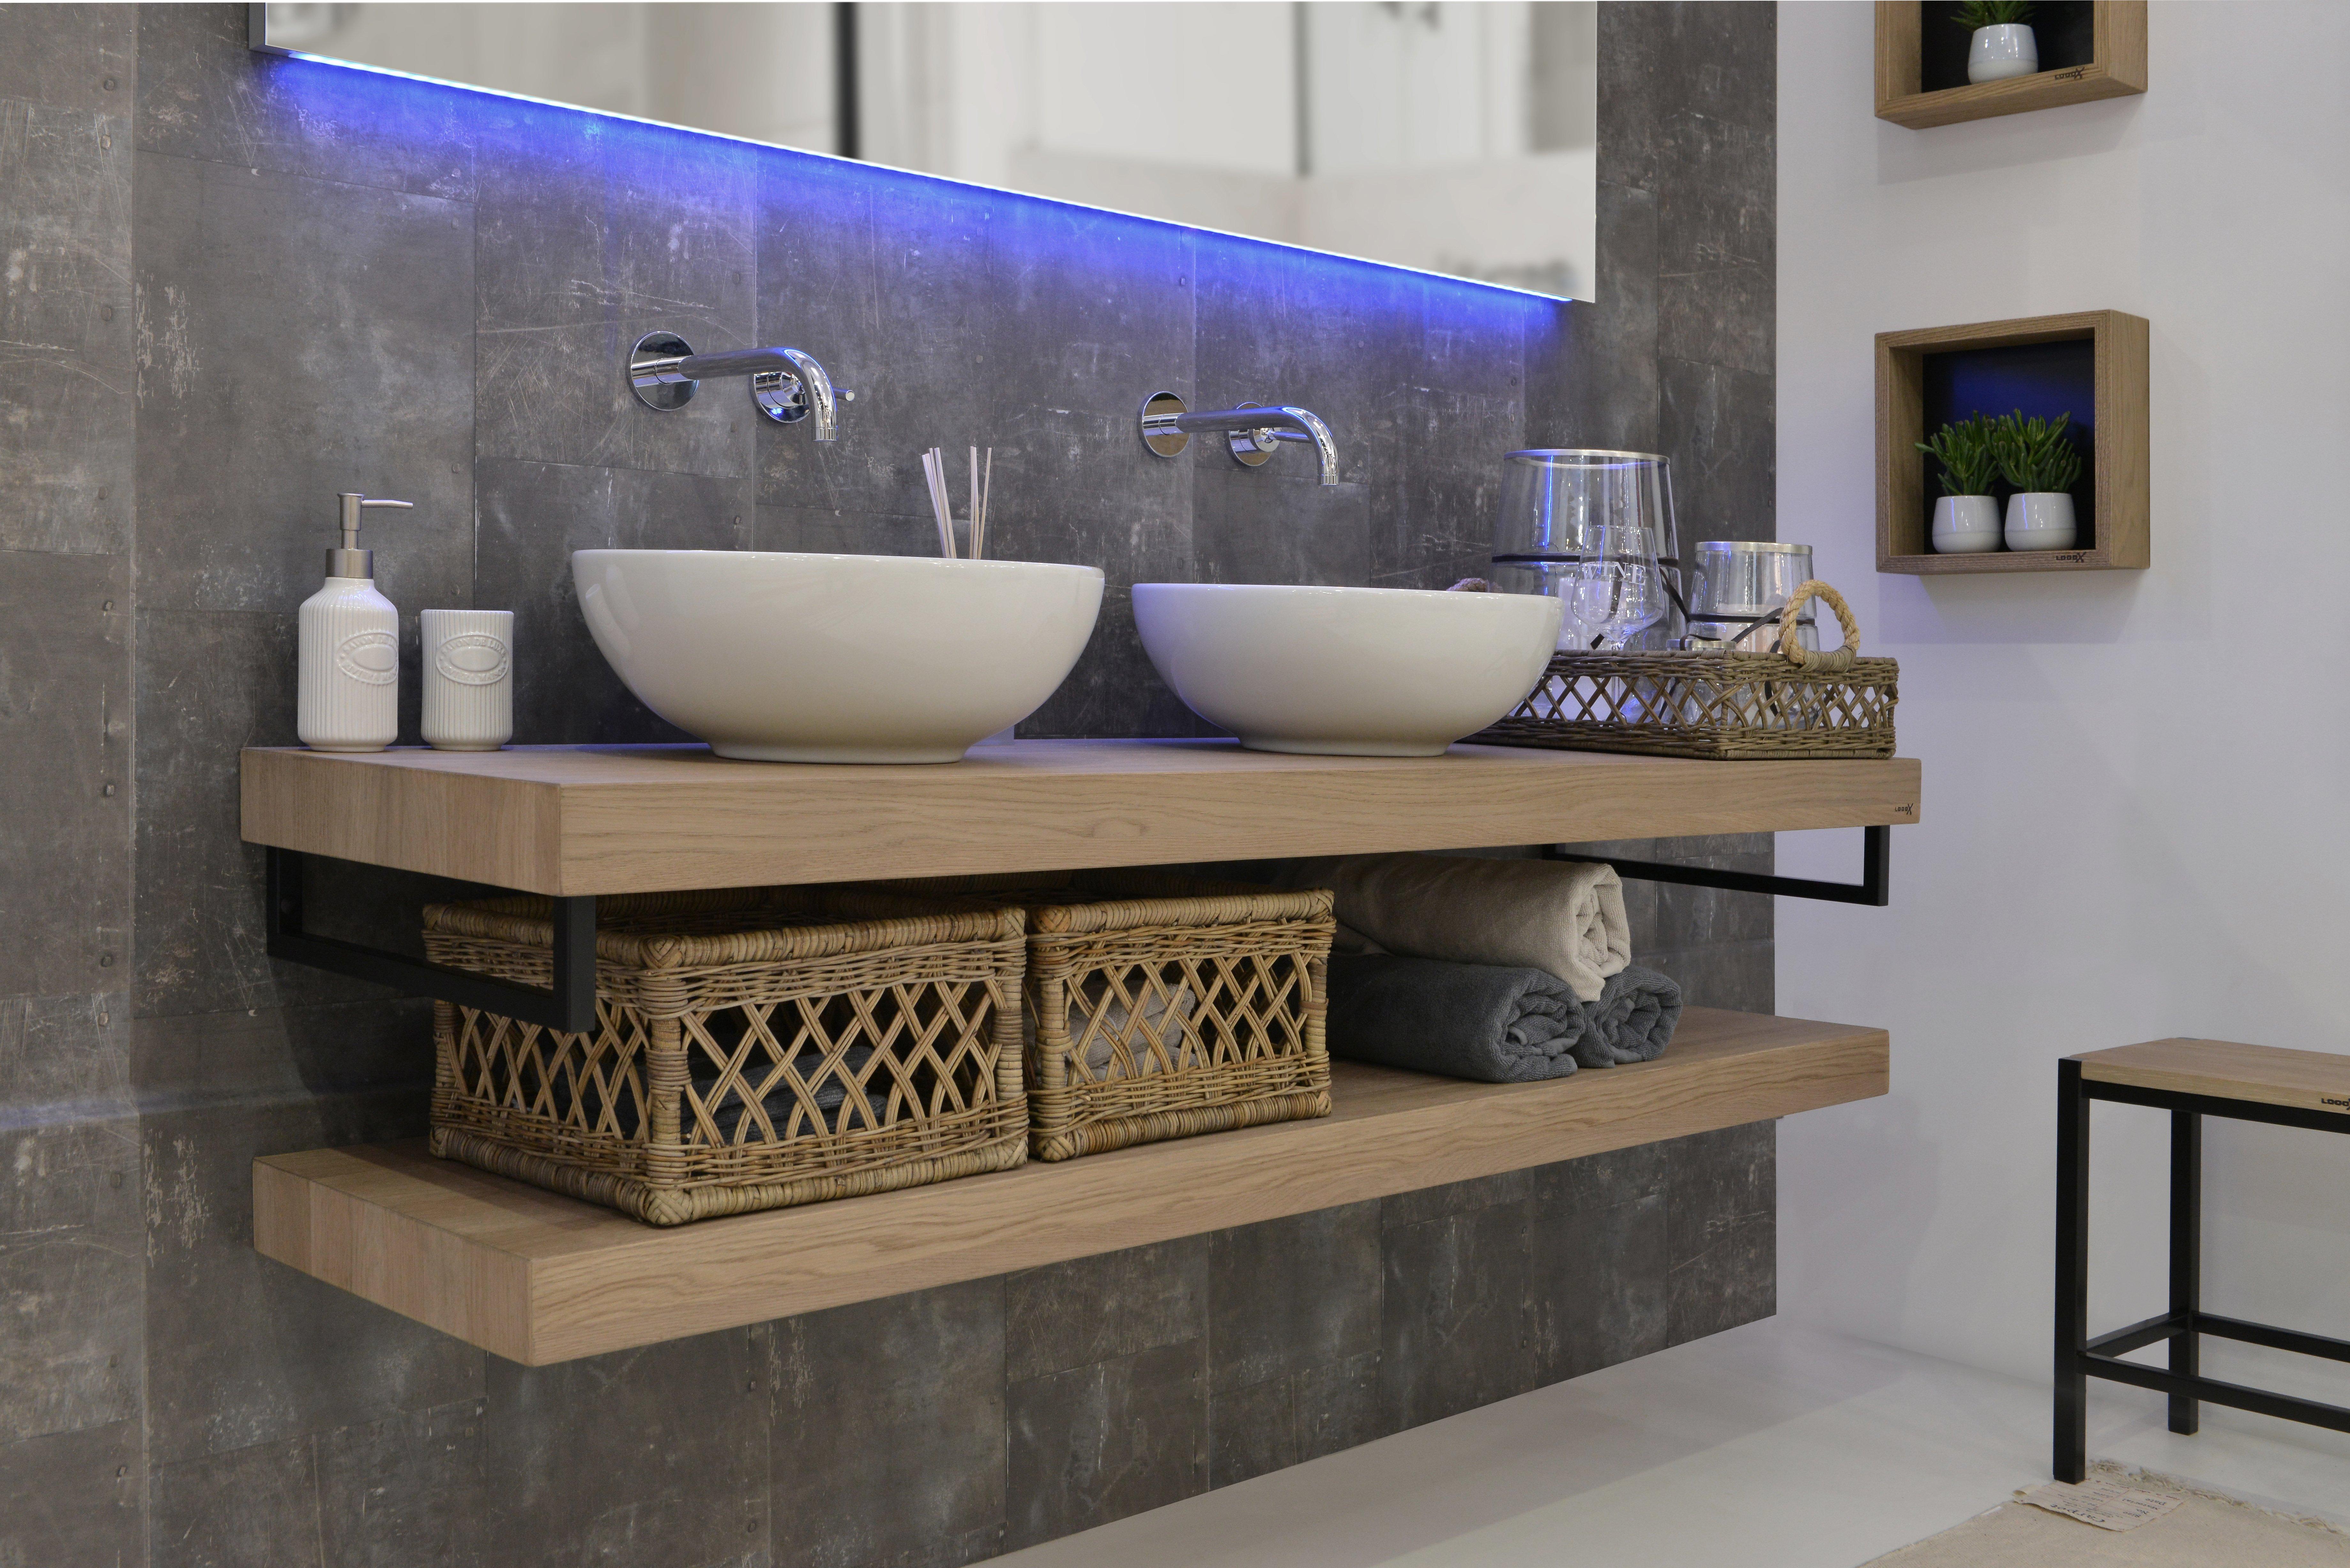 LoooX Wooden Base Shelf Duo 100 cm met handdoekhouders matzwart, old grey eiken